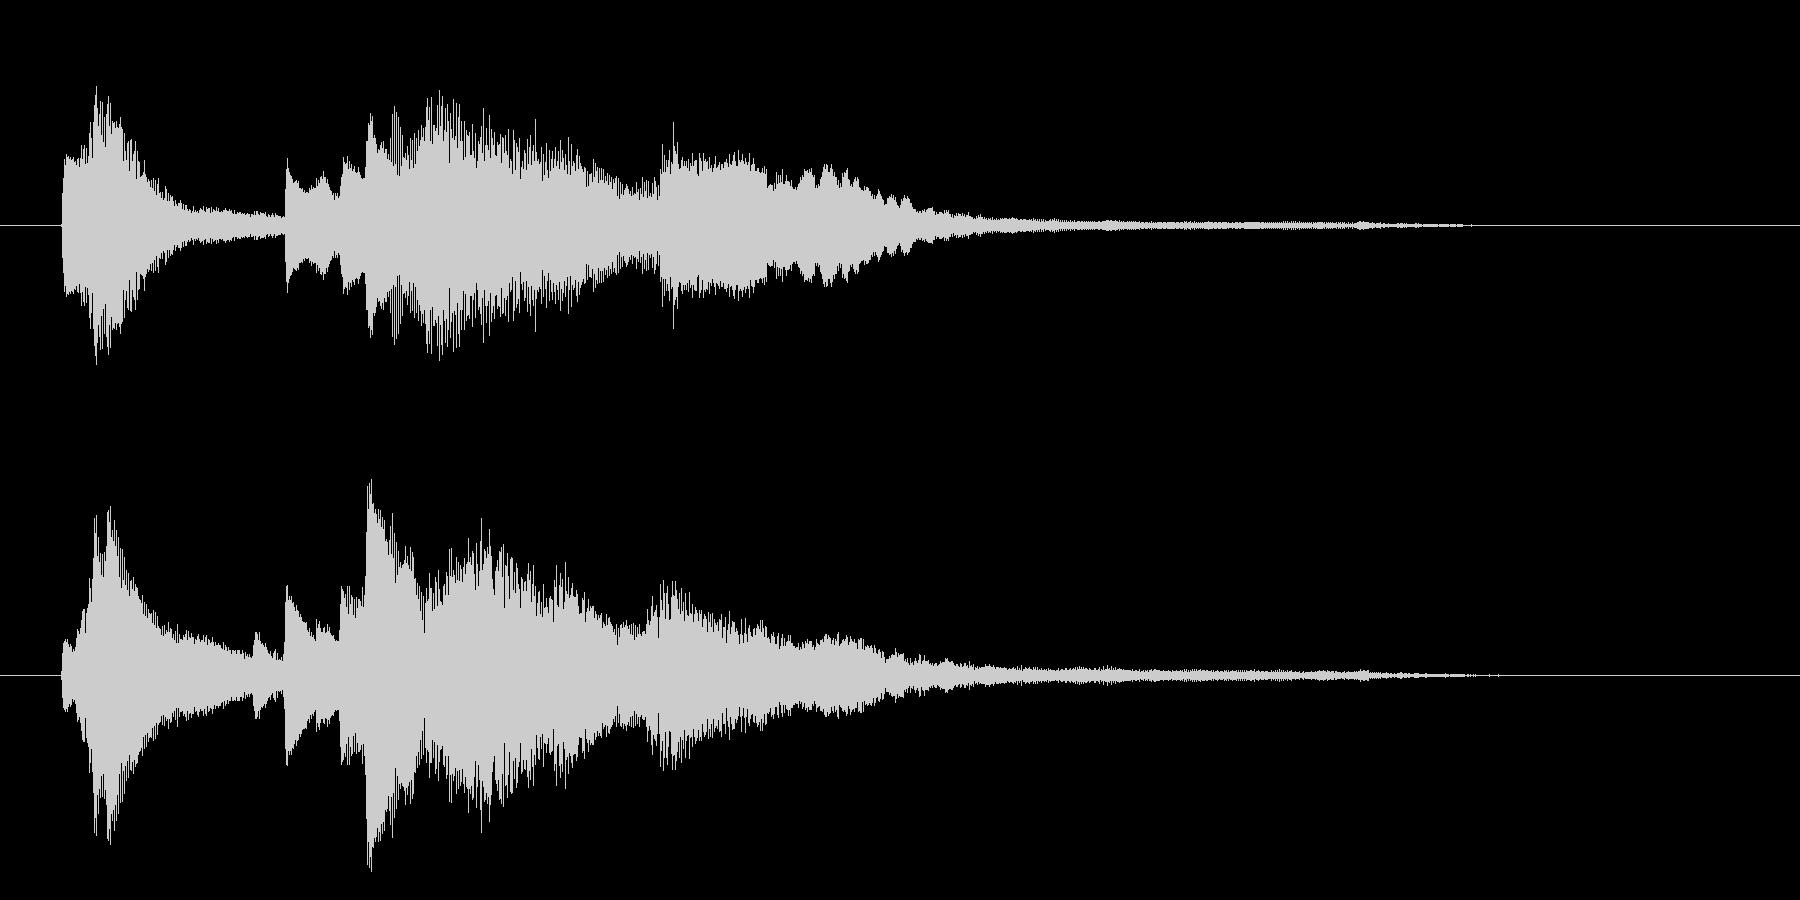 優雅なピアノ・クラシック調のサウンドロゴの未再生の波形